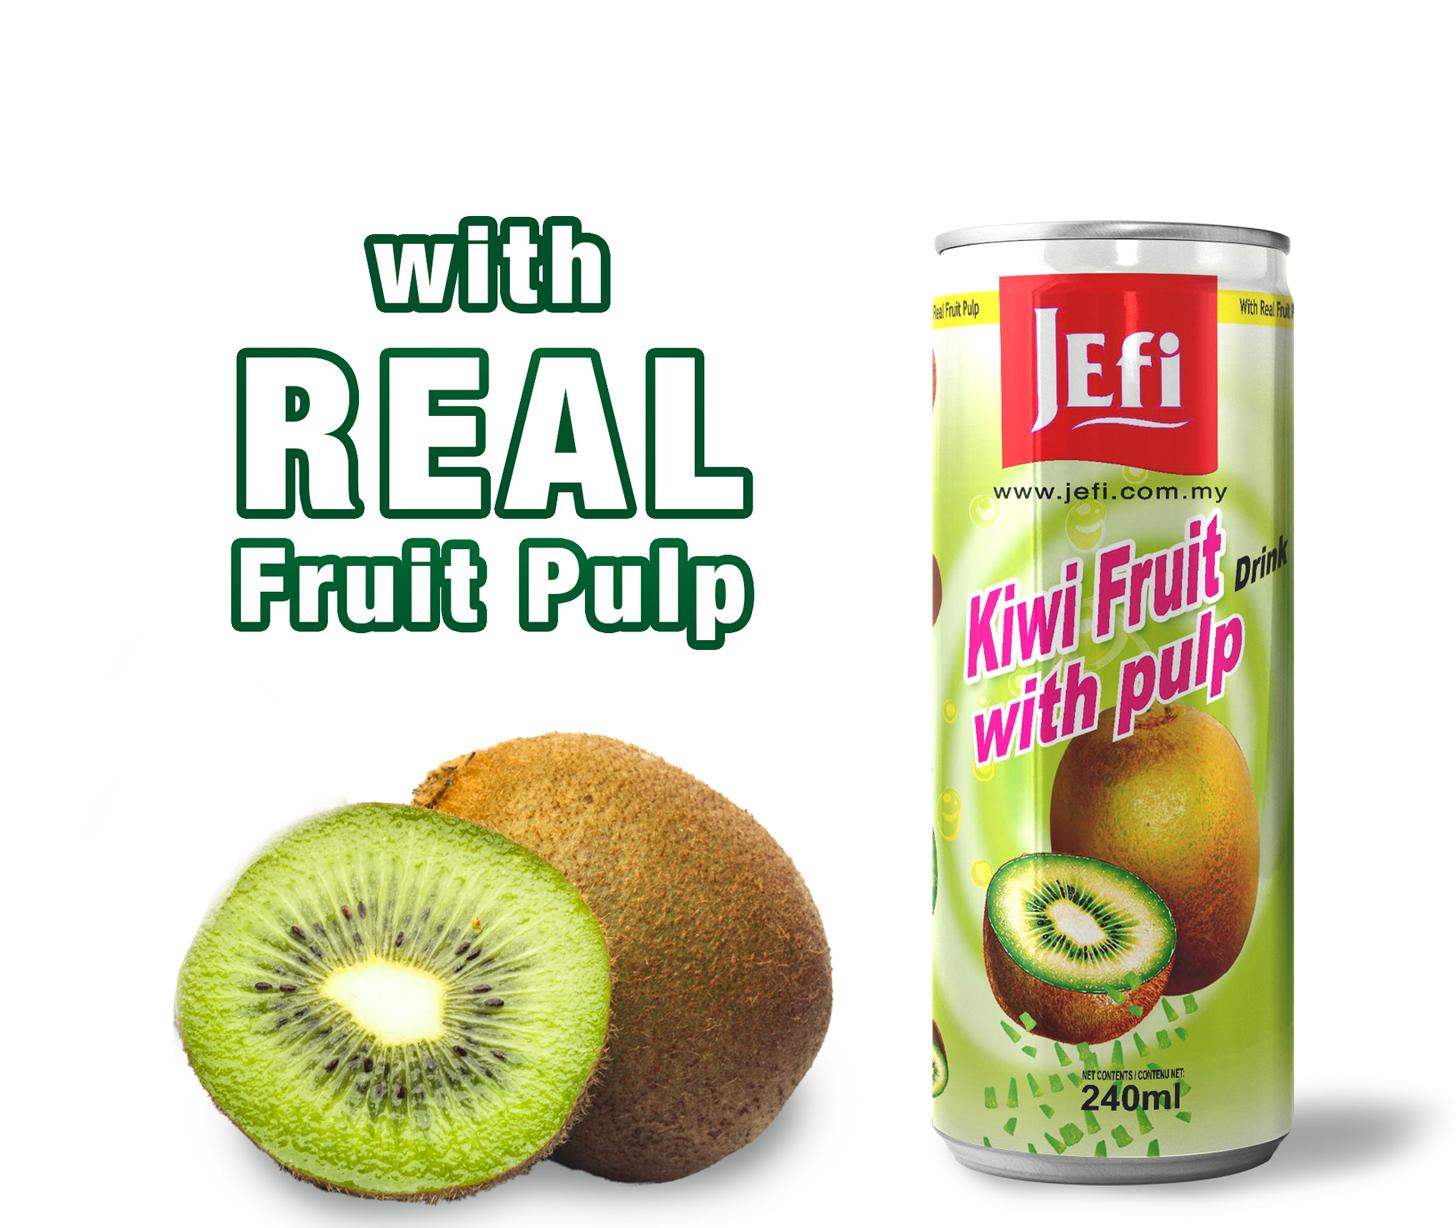 JEFI Kiwifruit Drinks with Real Fruit Pulp (240ml x 1tin)